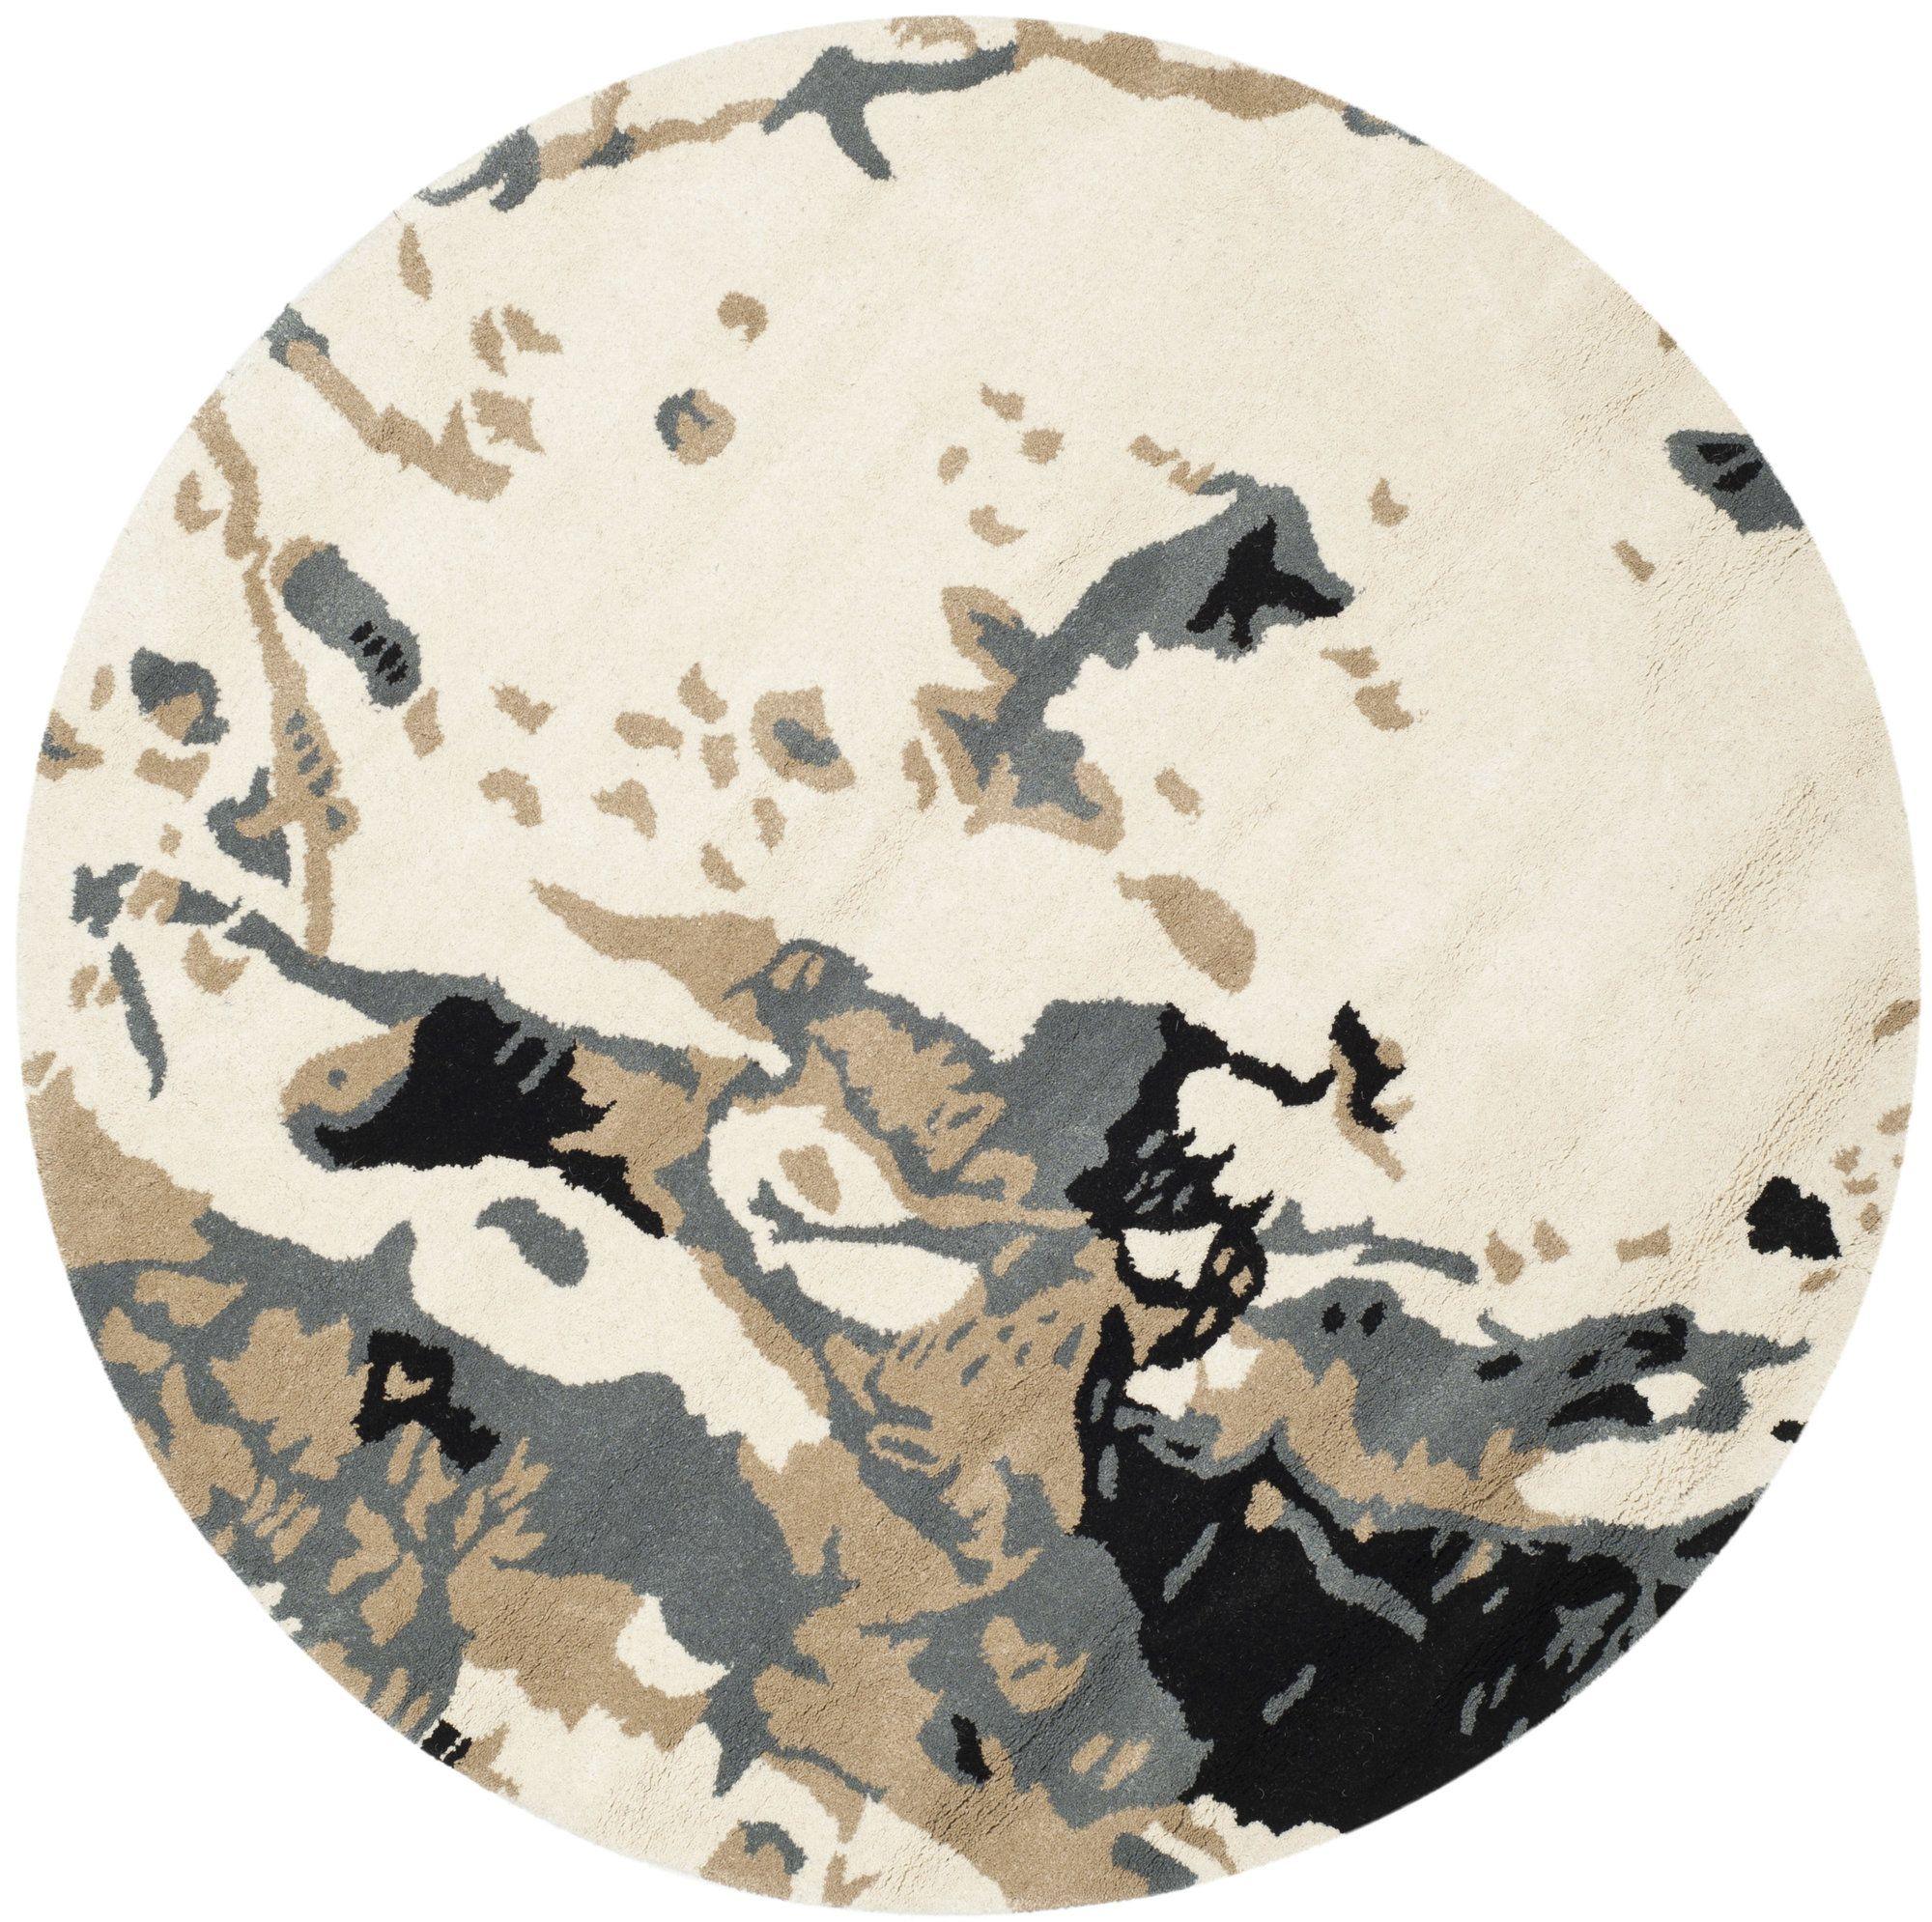 Marina Ivory/Gray Area Rug